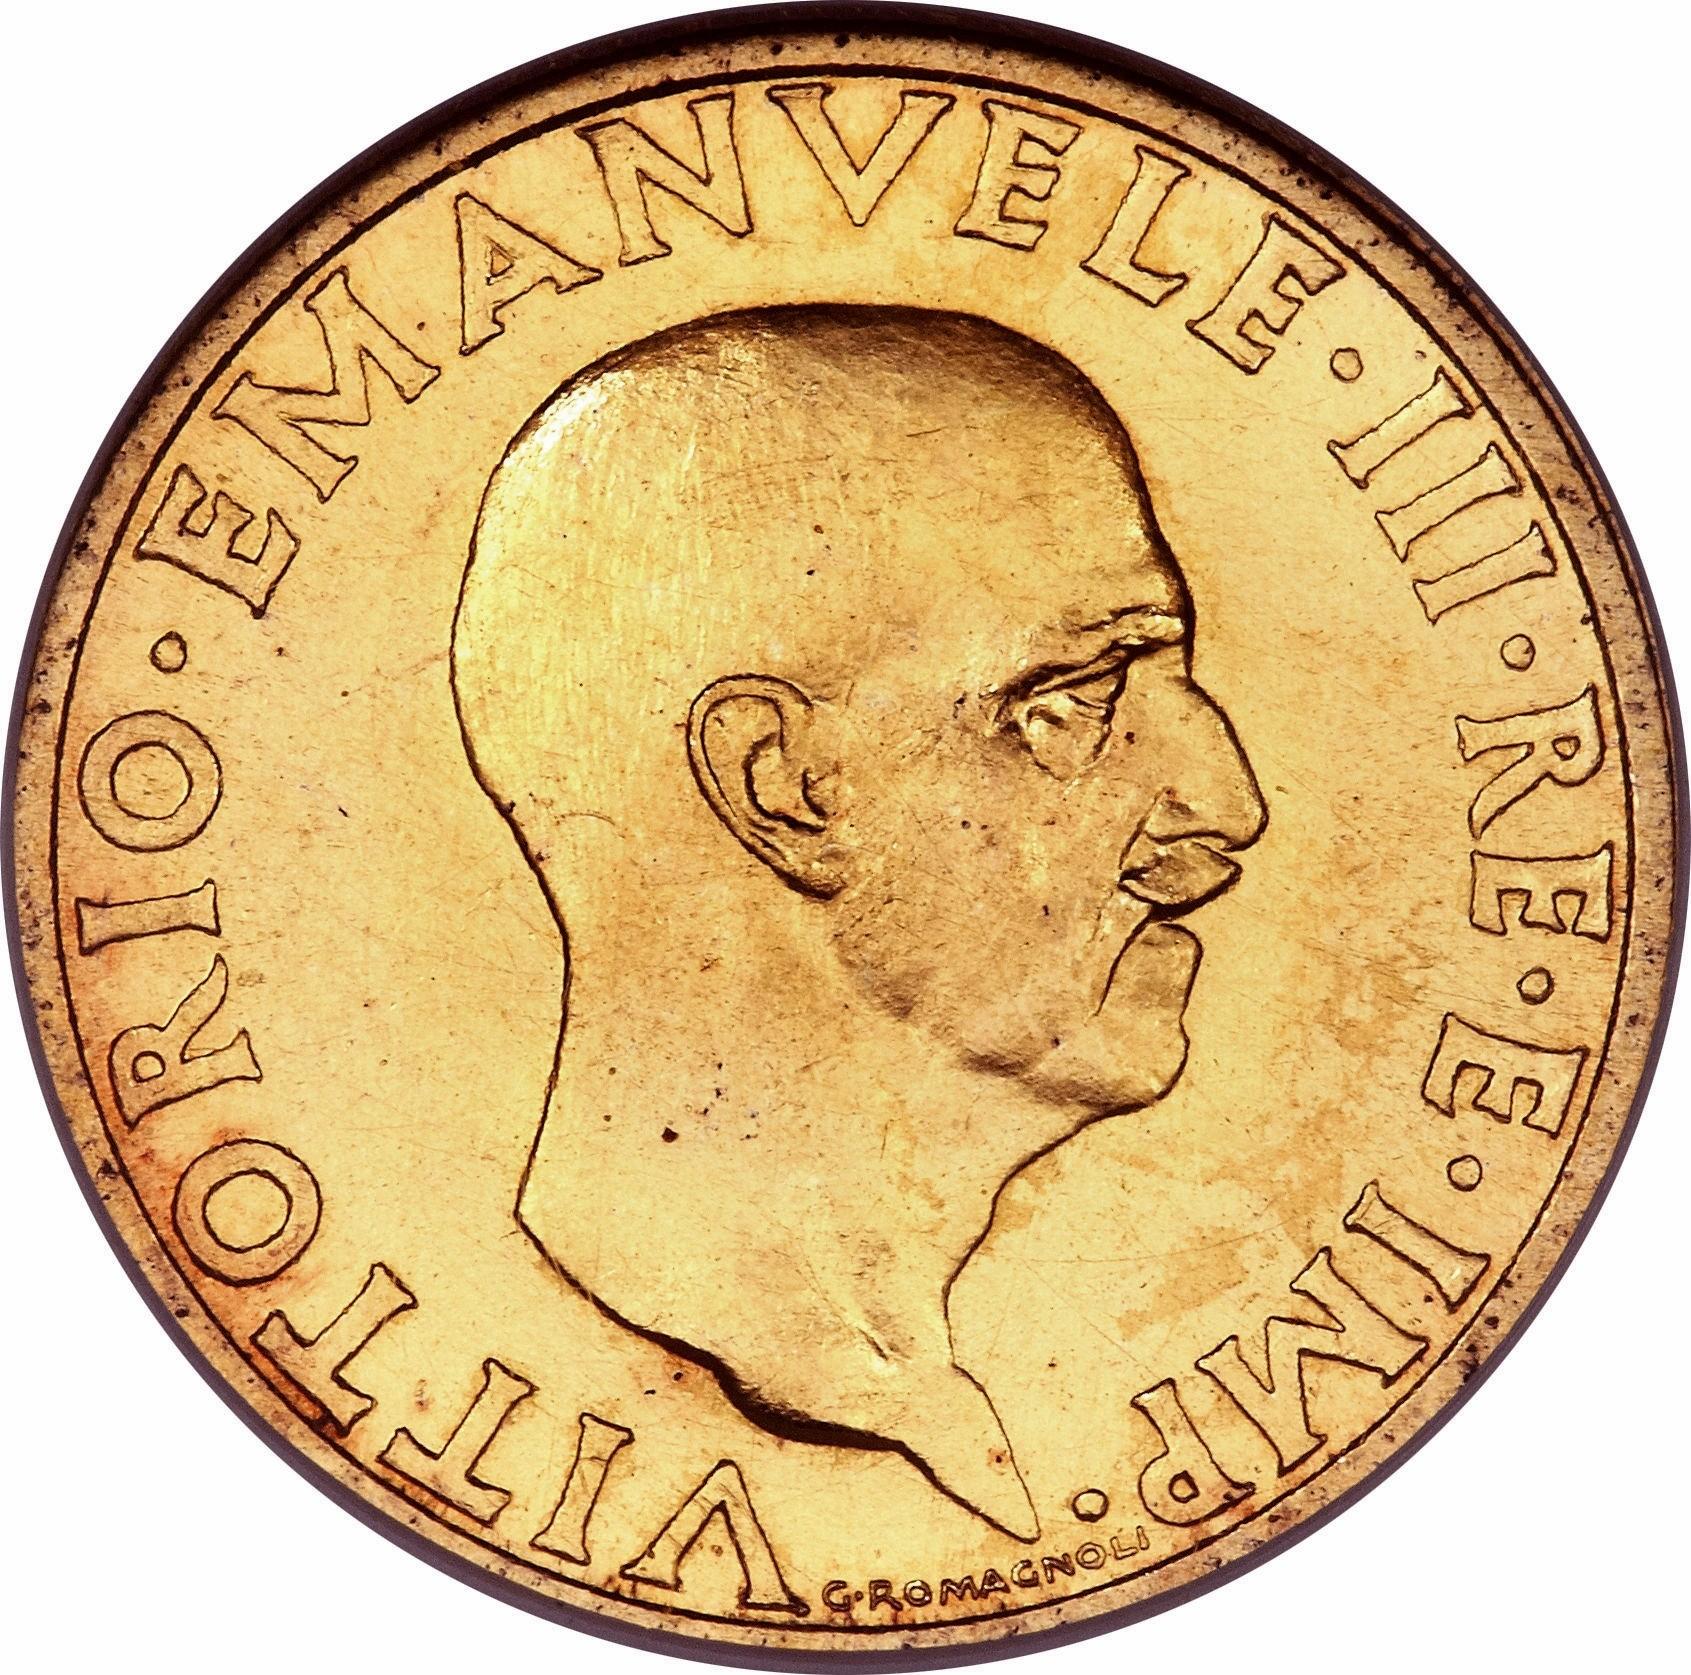 Italy 100 Lire (1936 Vittorio Emanuele III)